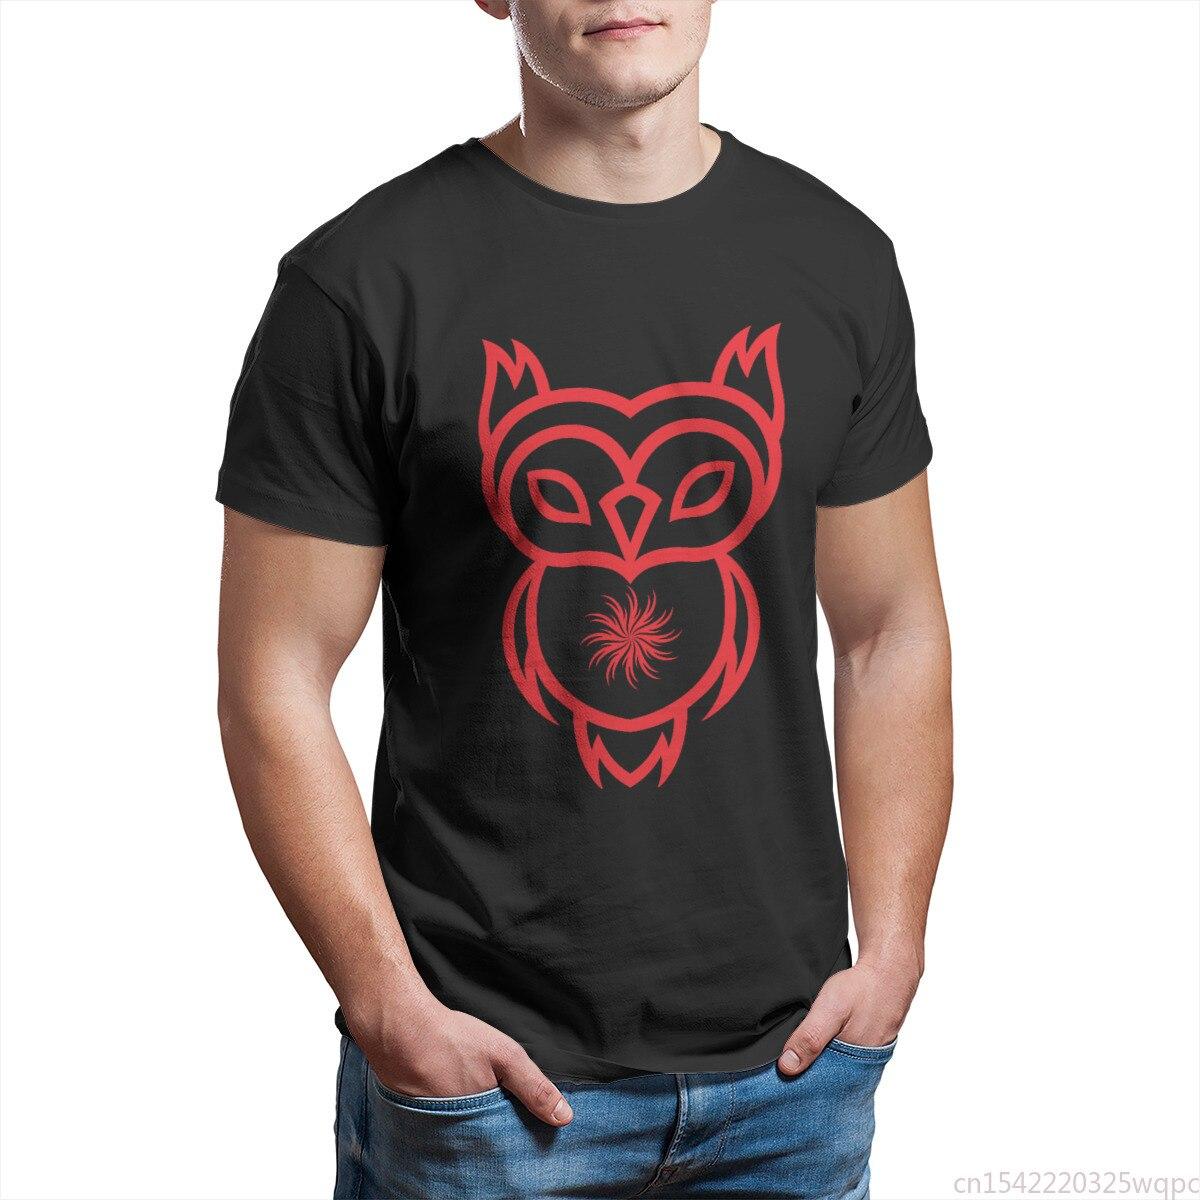 Camiseta de búho con corazón de Sol para hombre de ropa negra...